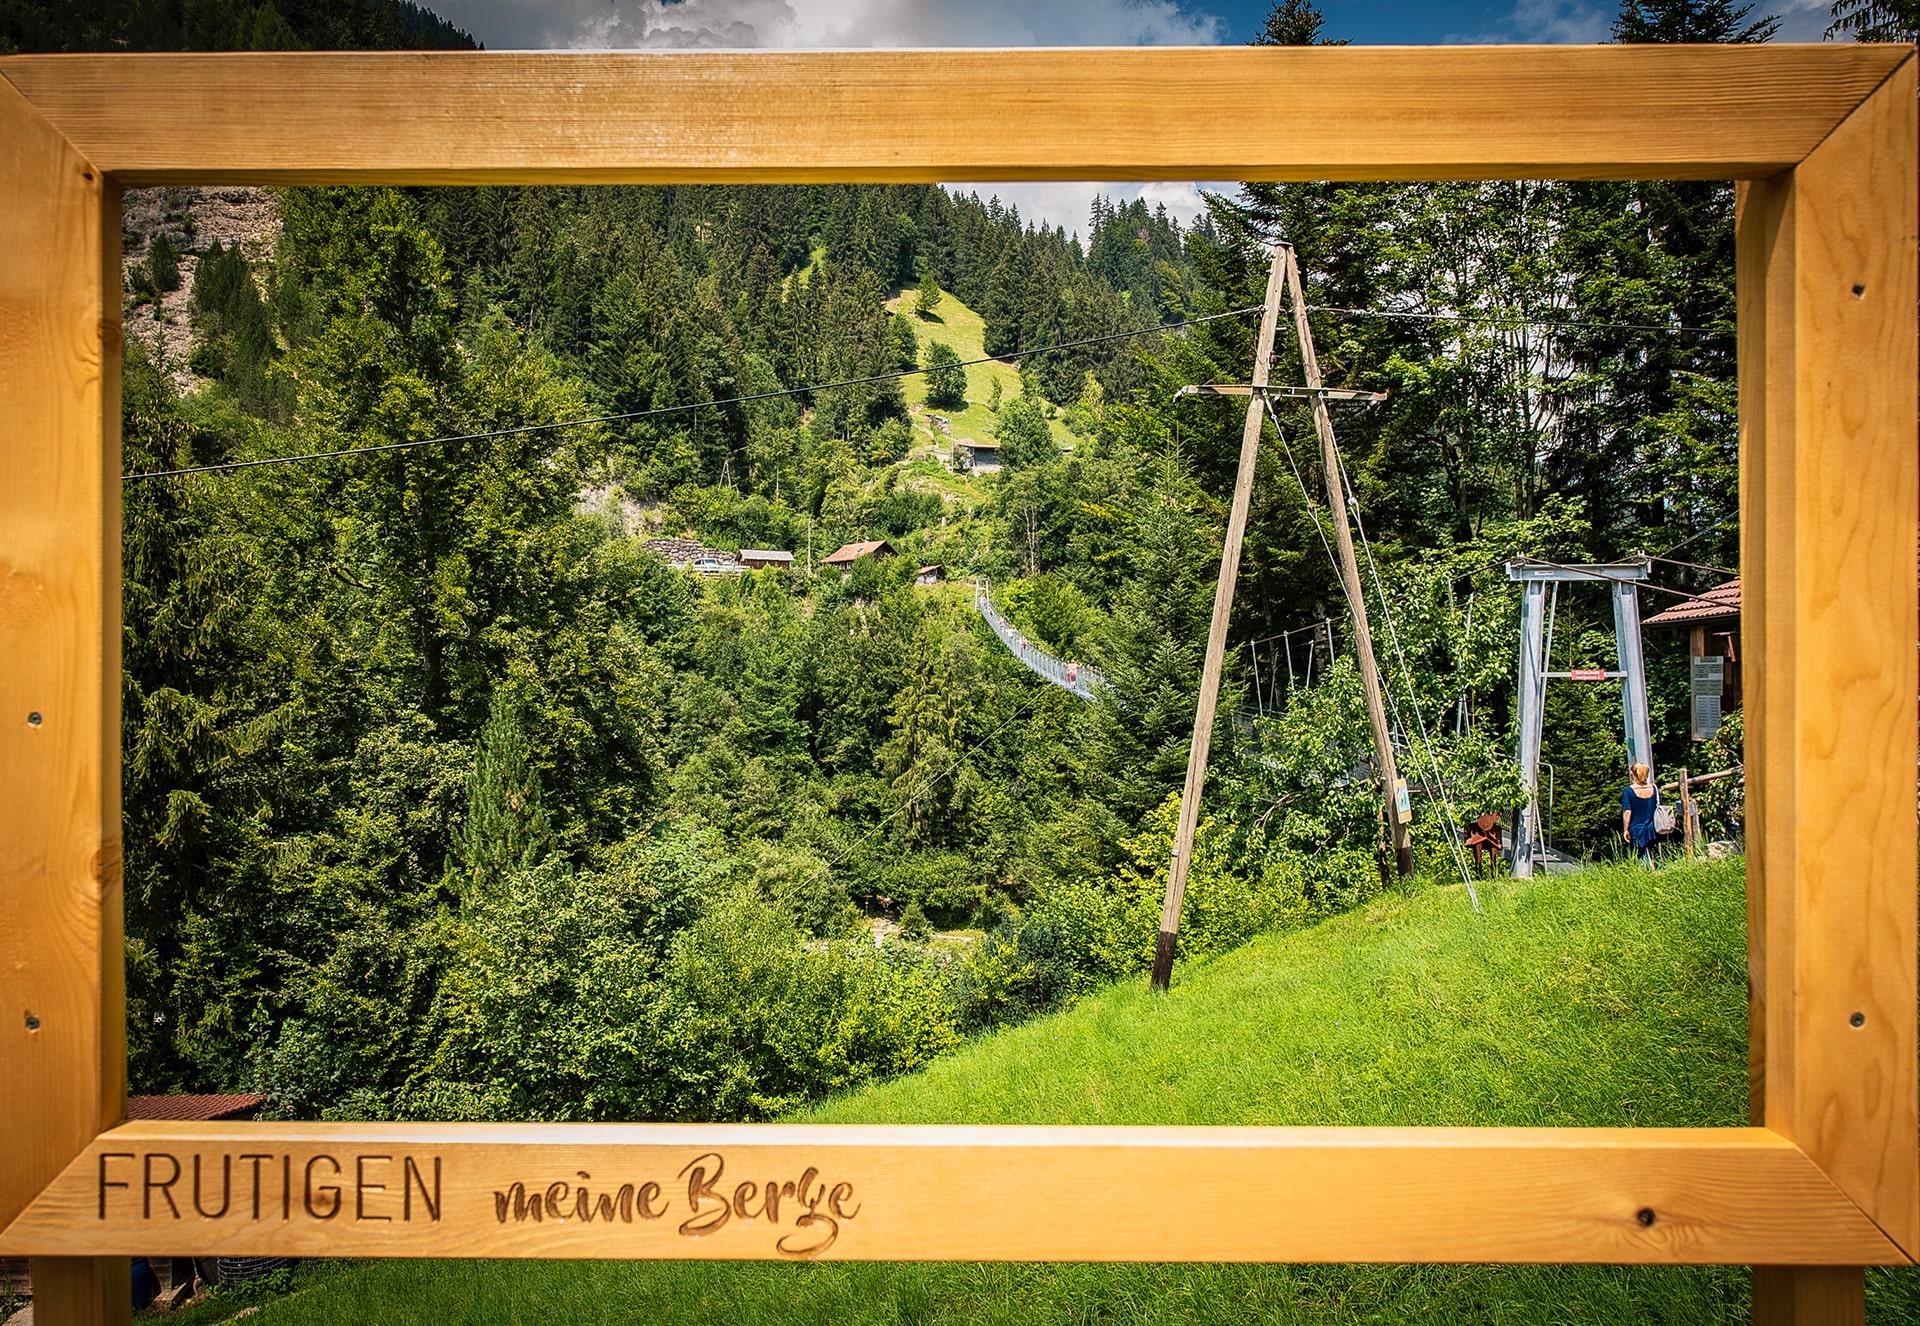 Blog Lifestyle - Les magnifique paysage typiquement suisse  - Suivre sa Joie - Saskia Parein